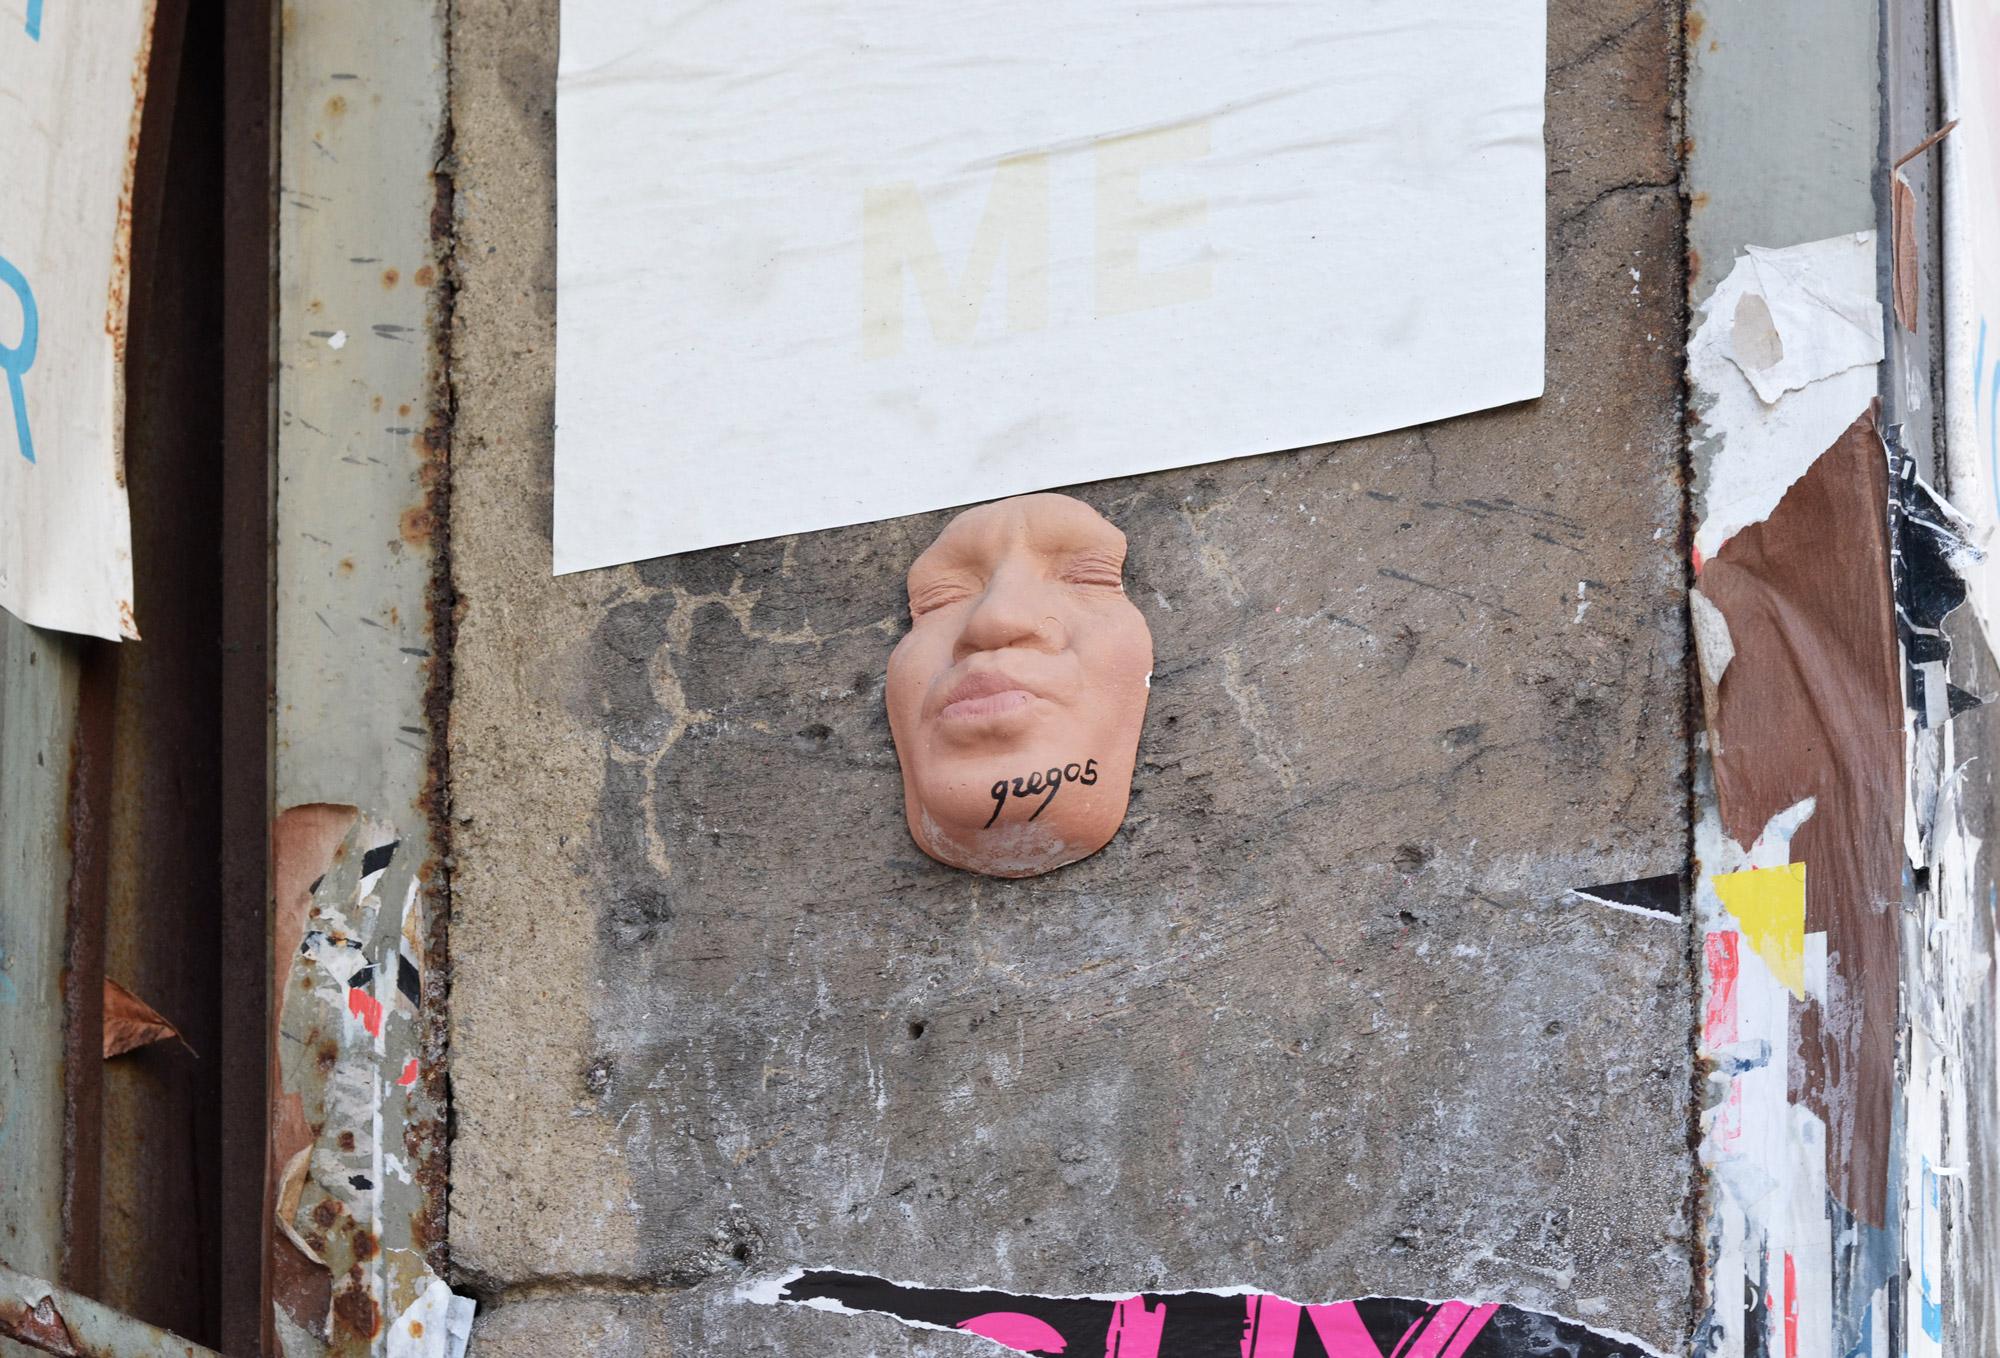 urbanbacklog-gregos-street-art-1.jpg